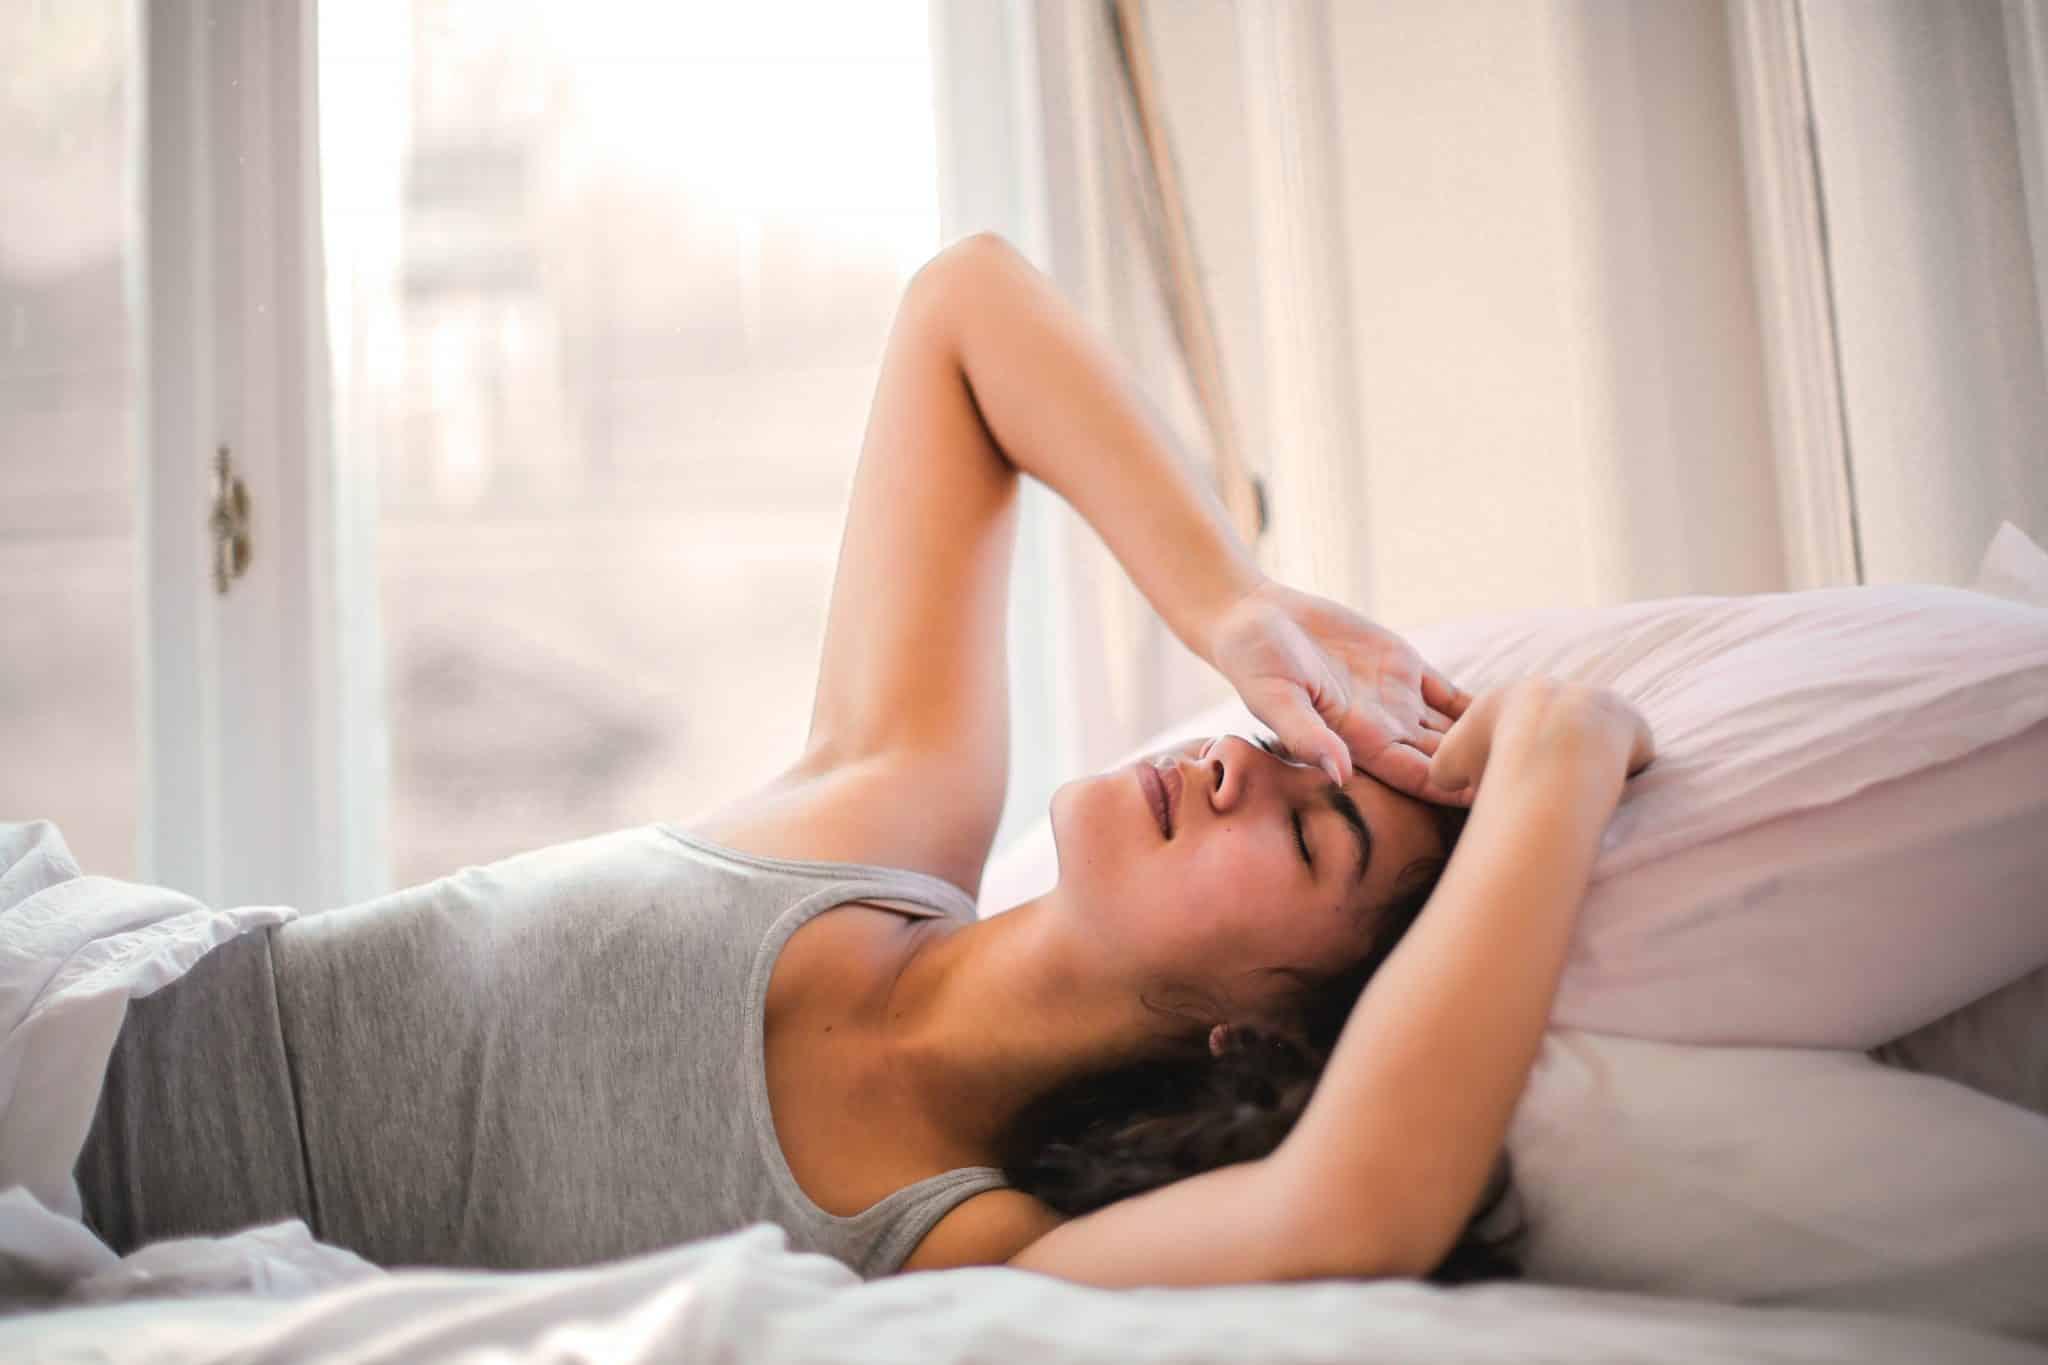 Plicní chlamydie: Příznaky, přenos, léčba a následky 1